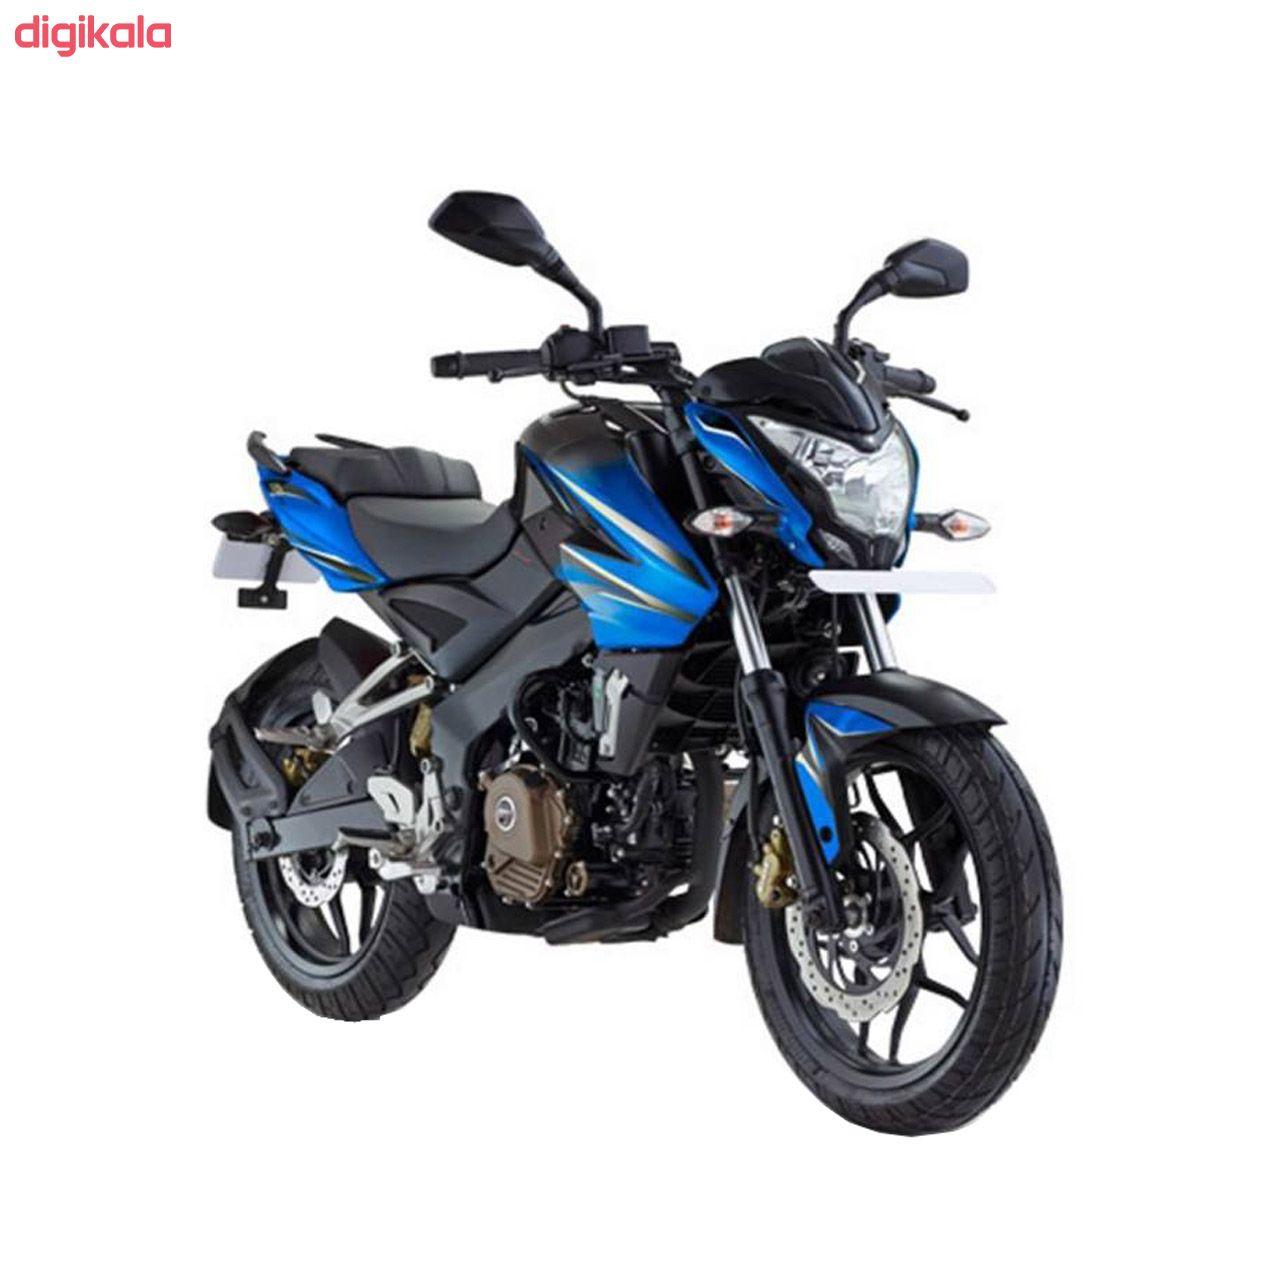 موتورسیکلت باجاج پالس مدل 200NS  سال 1398 main 1 3